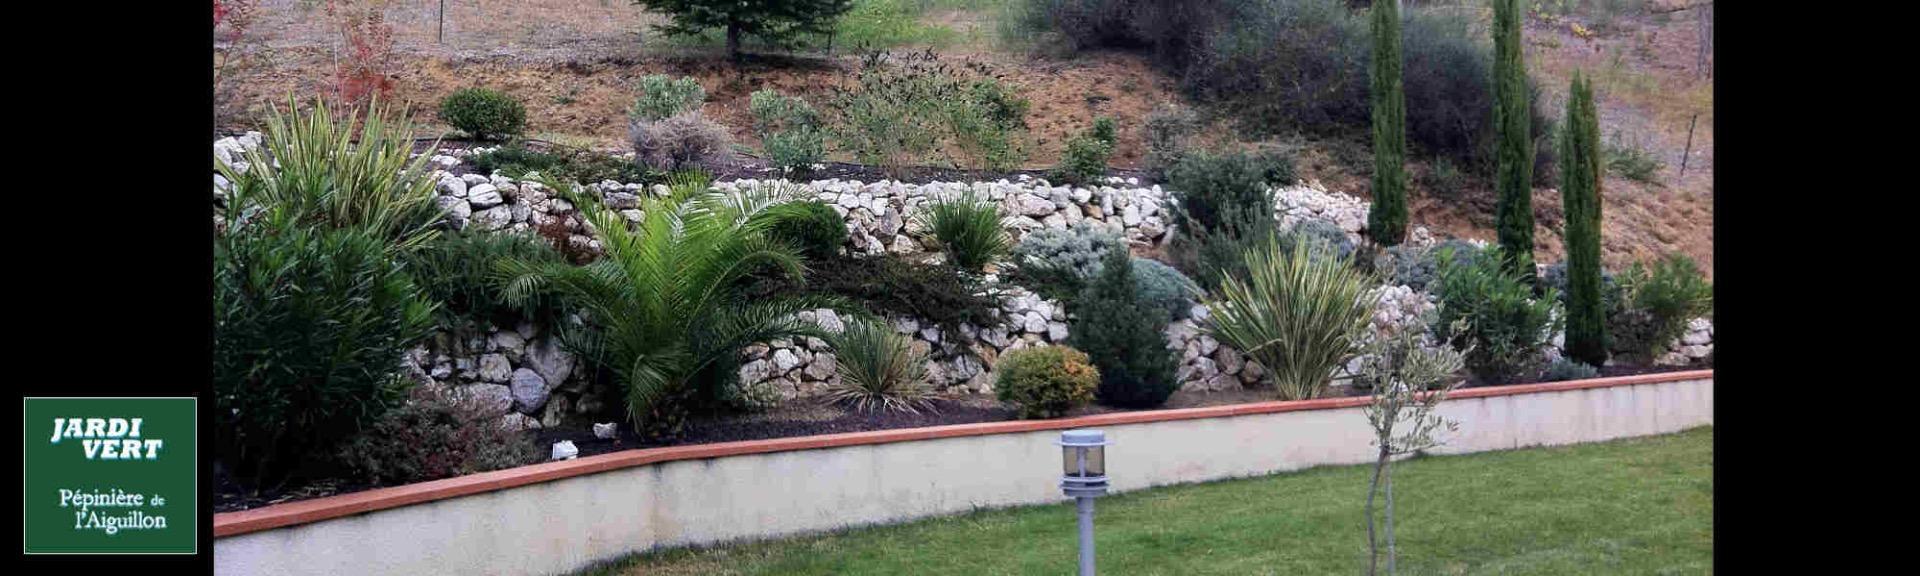 Construction de terrasses avec murets en pierre sèche façon méditerranéenne, avec massifs fleuris à Eaunes